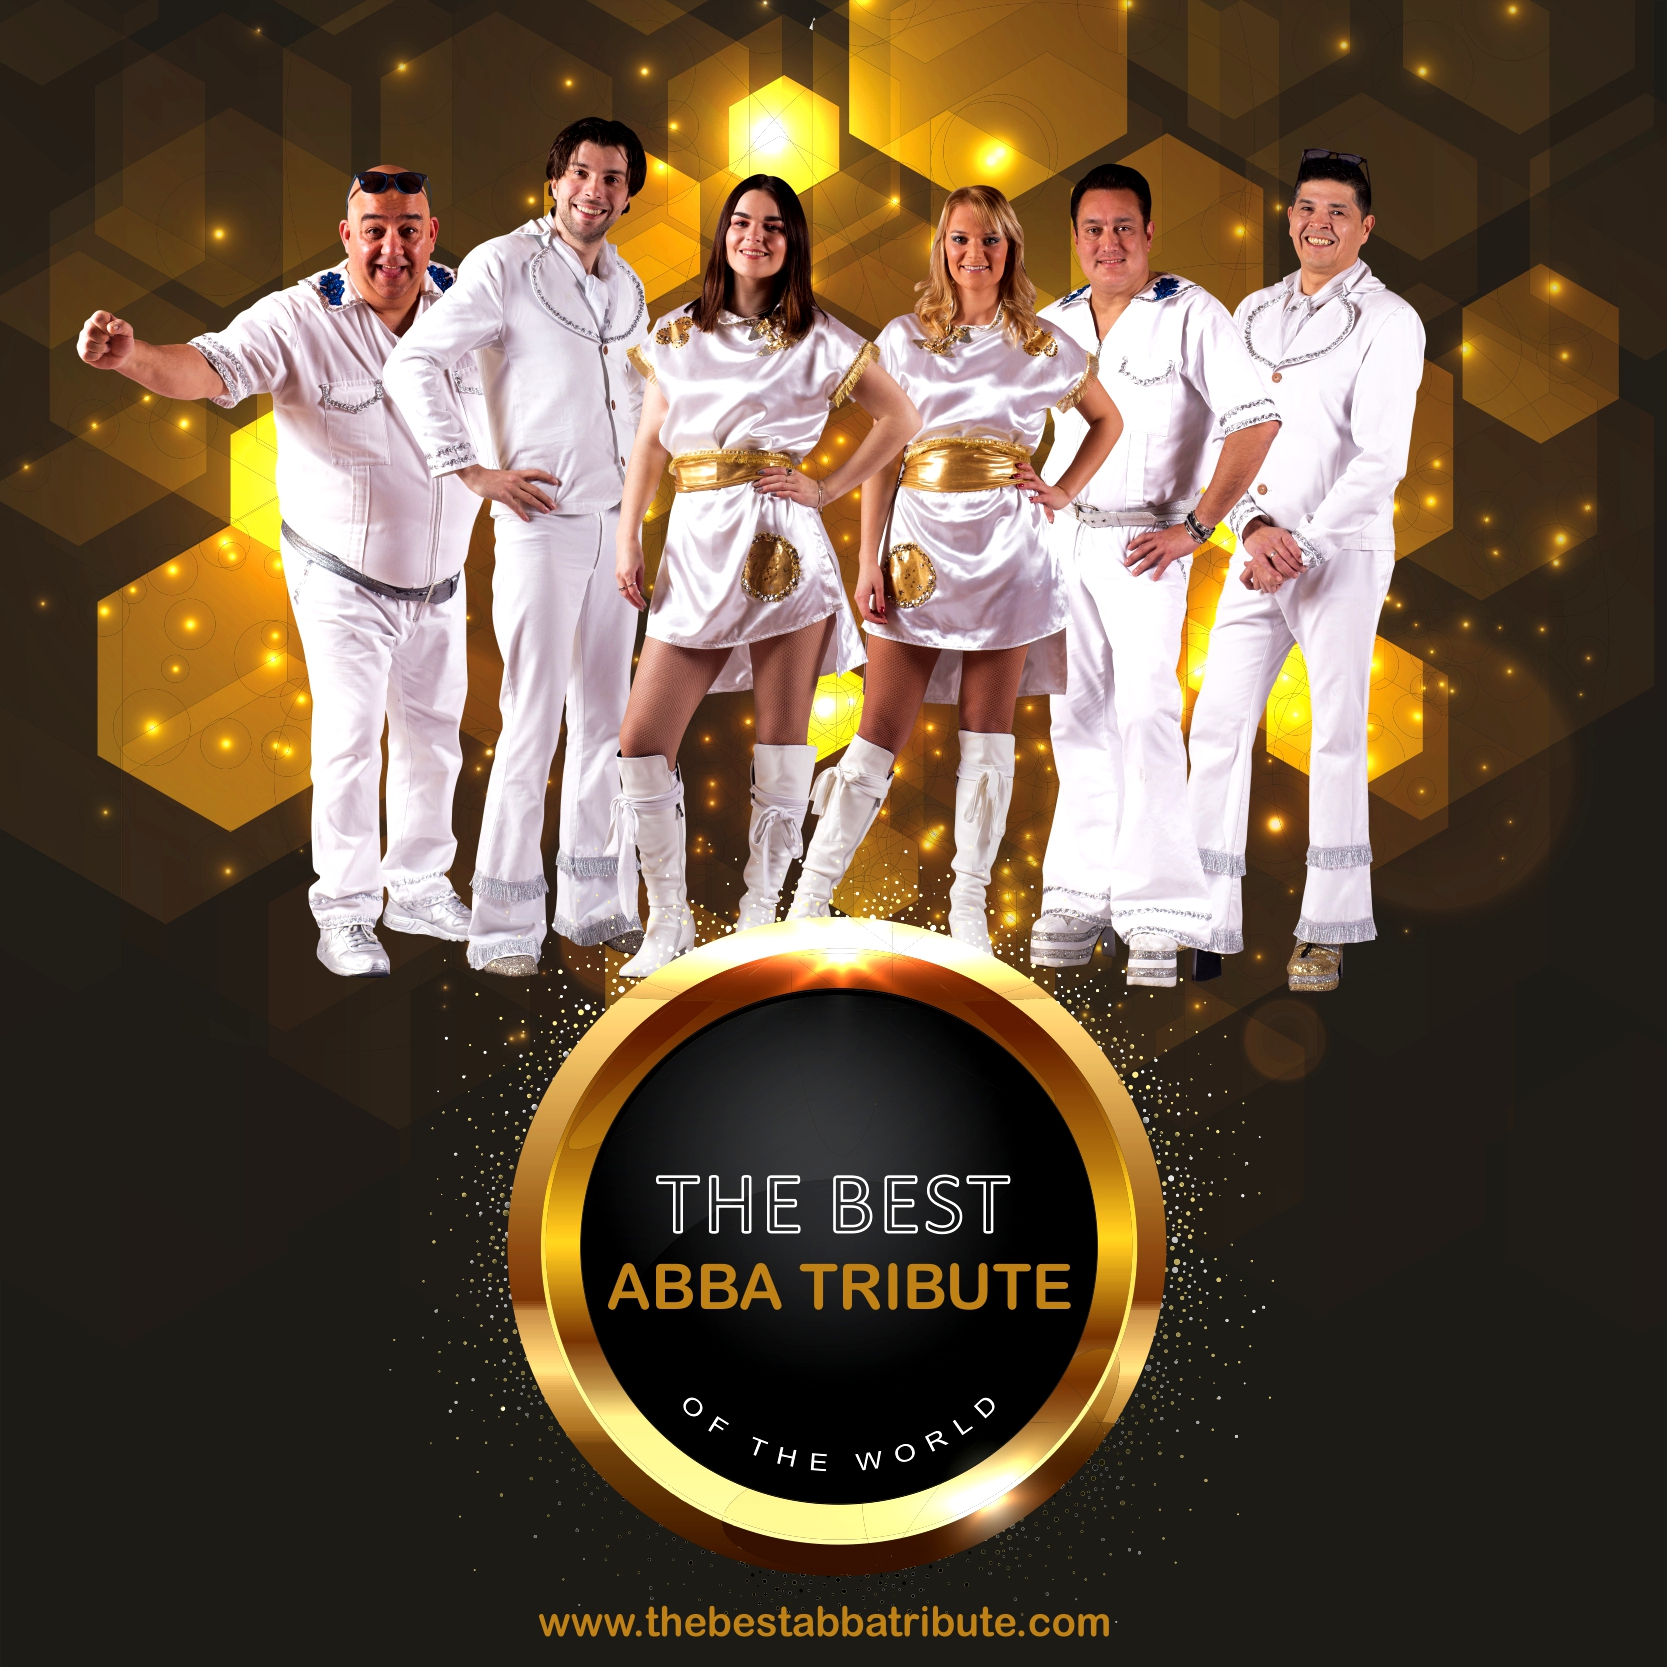 ABBA Tribute De Alke Alteveer 2022